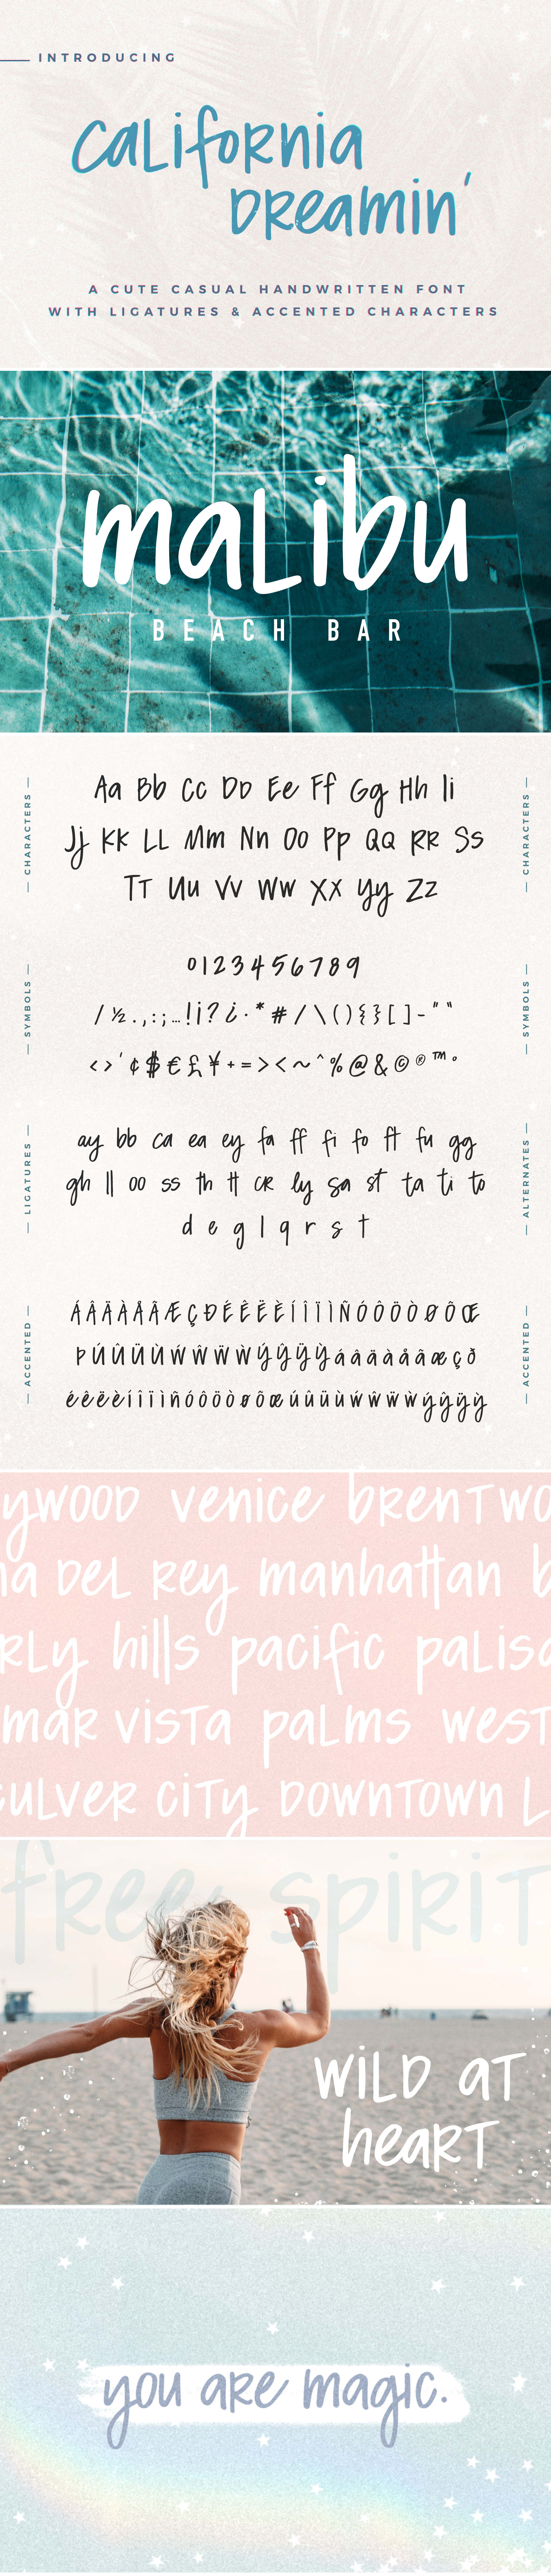 California Dreamin' Handwritten Font